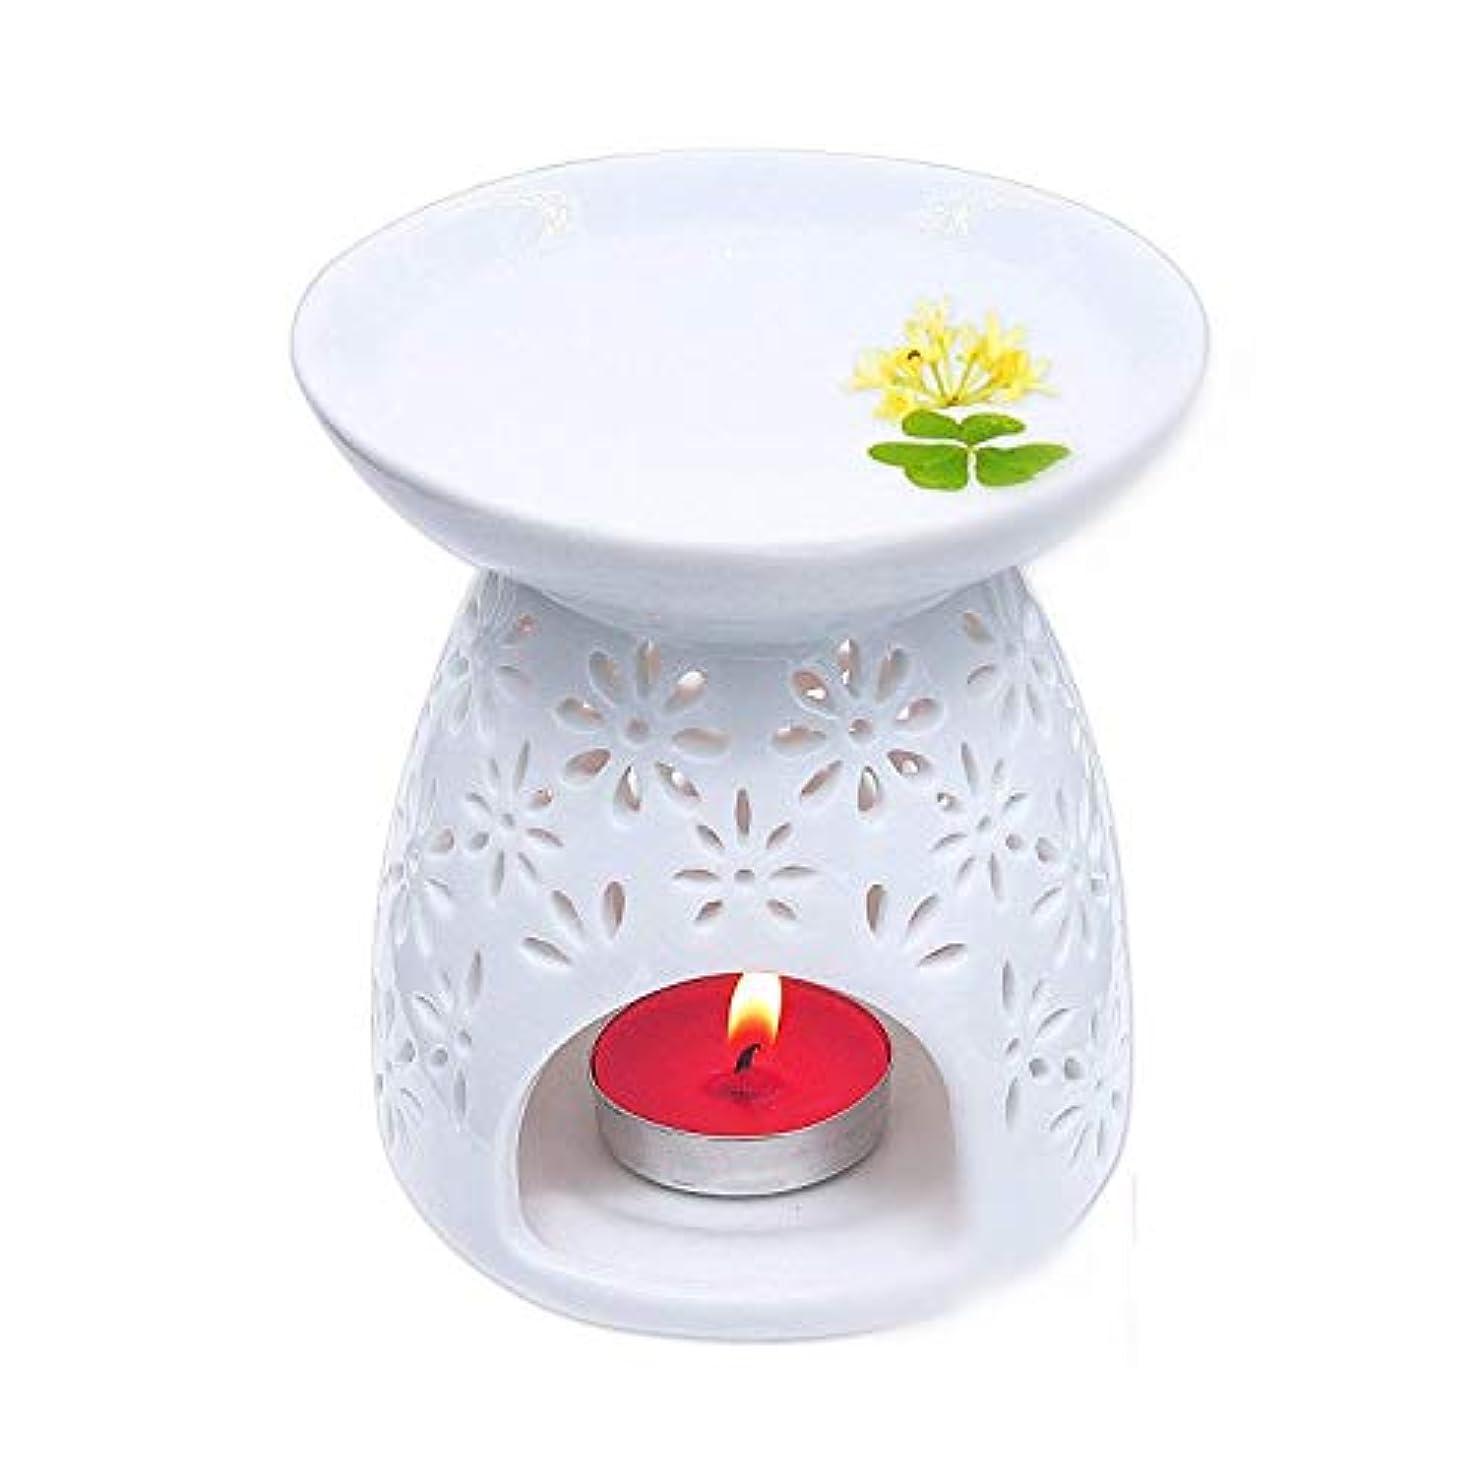 強度精通した壮大なPursue 茶香炉 アロマ炉 香炉 陶器 精油 香炉置物 薫香 インテリア アロマディフューザー 中空の彫刻工 消臭と癒し おしゃれ